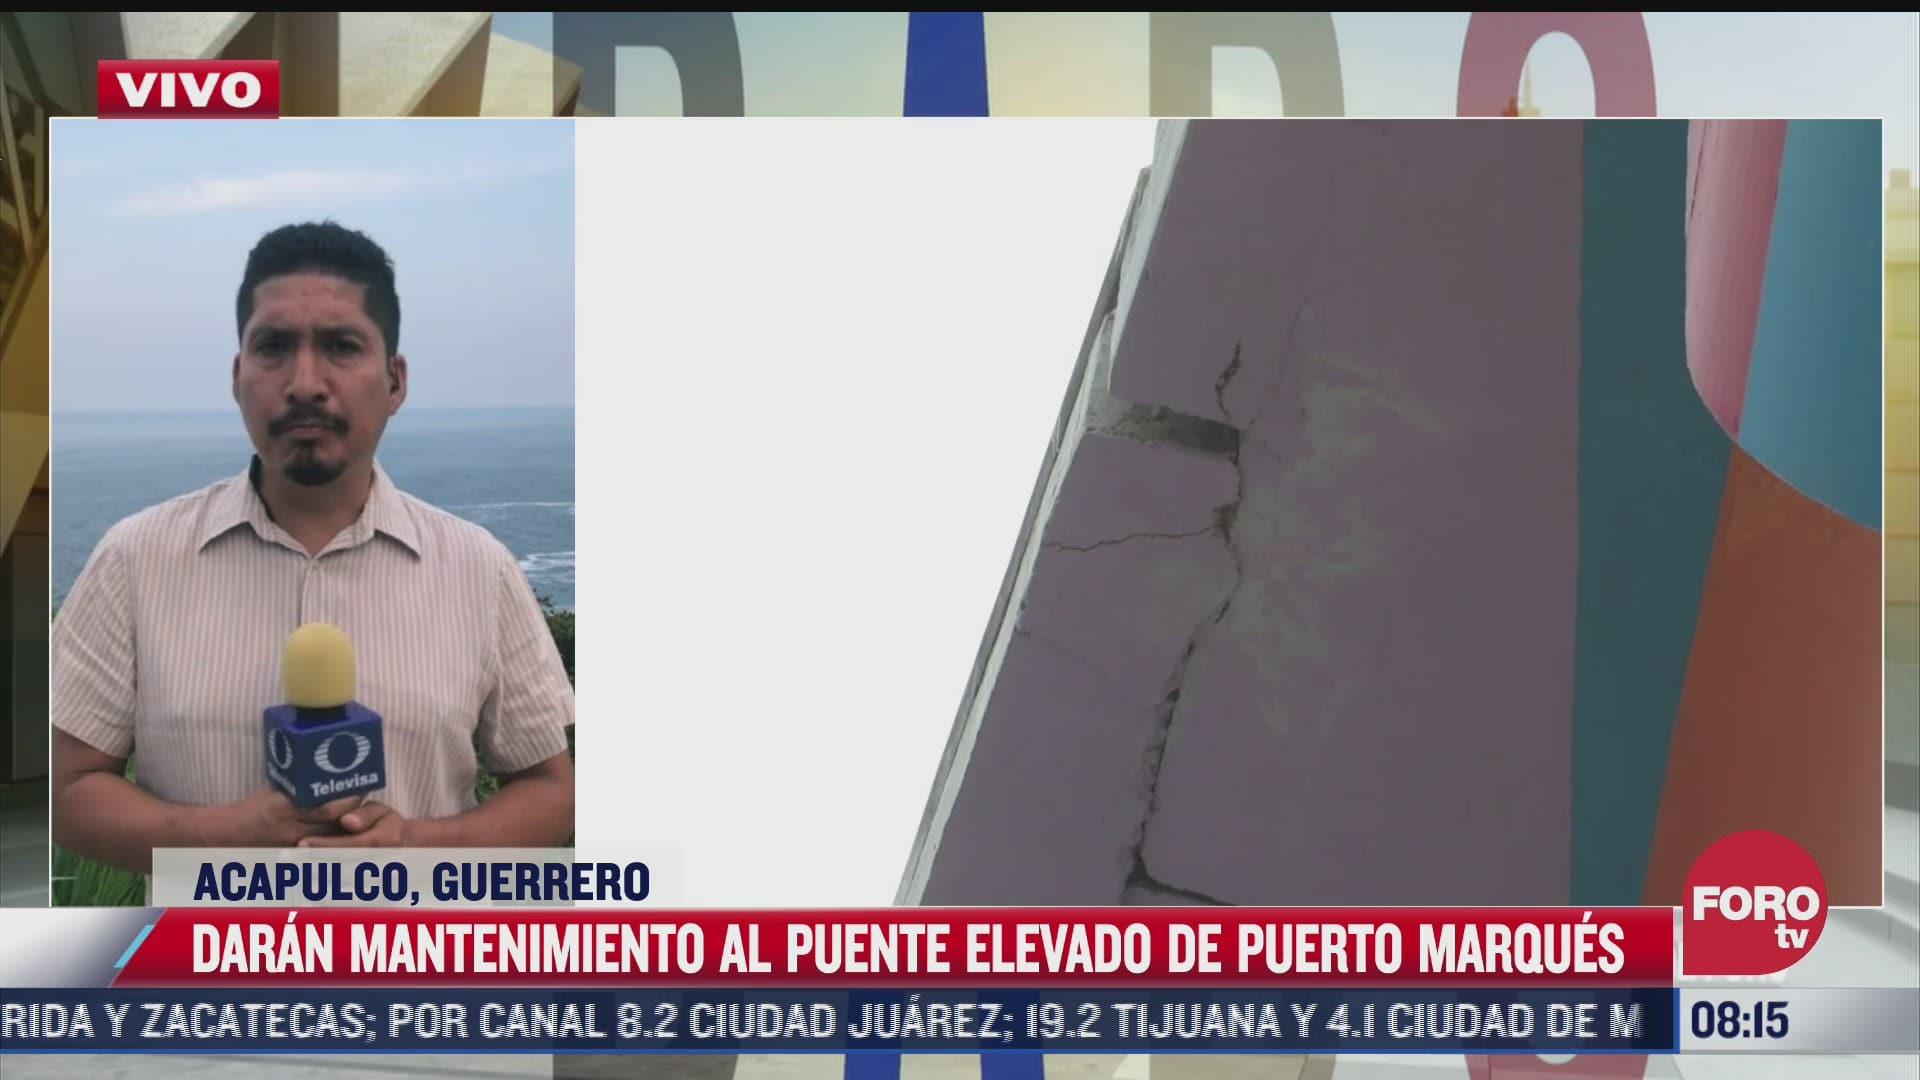 daran mantenimiento a puente elevado de puerto marques en acapulco guerrero